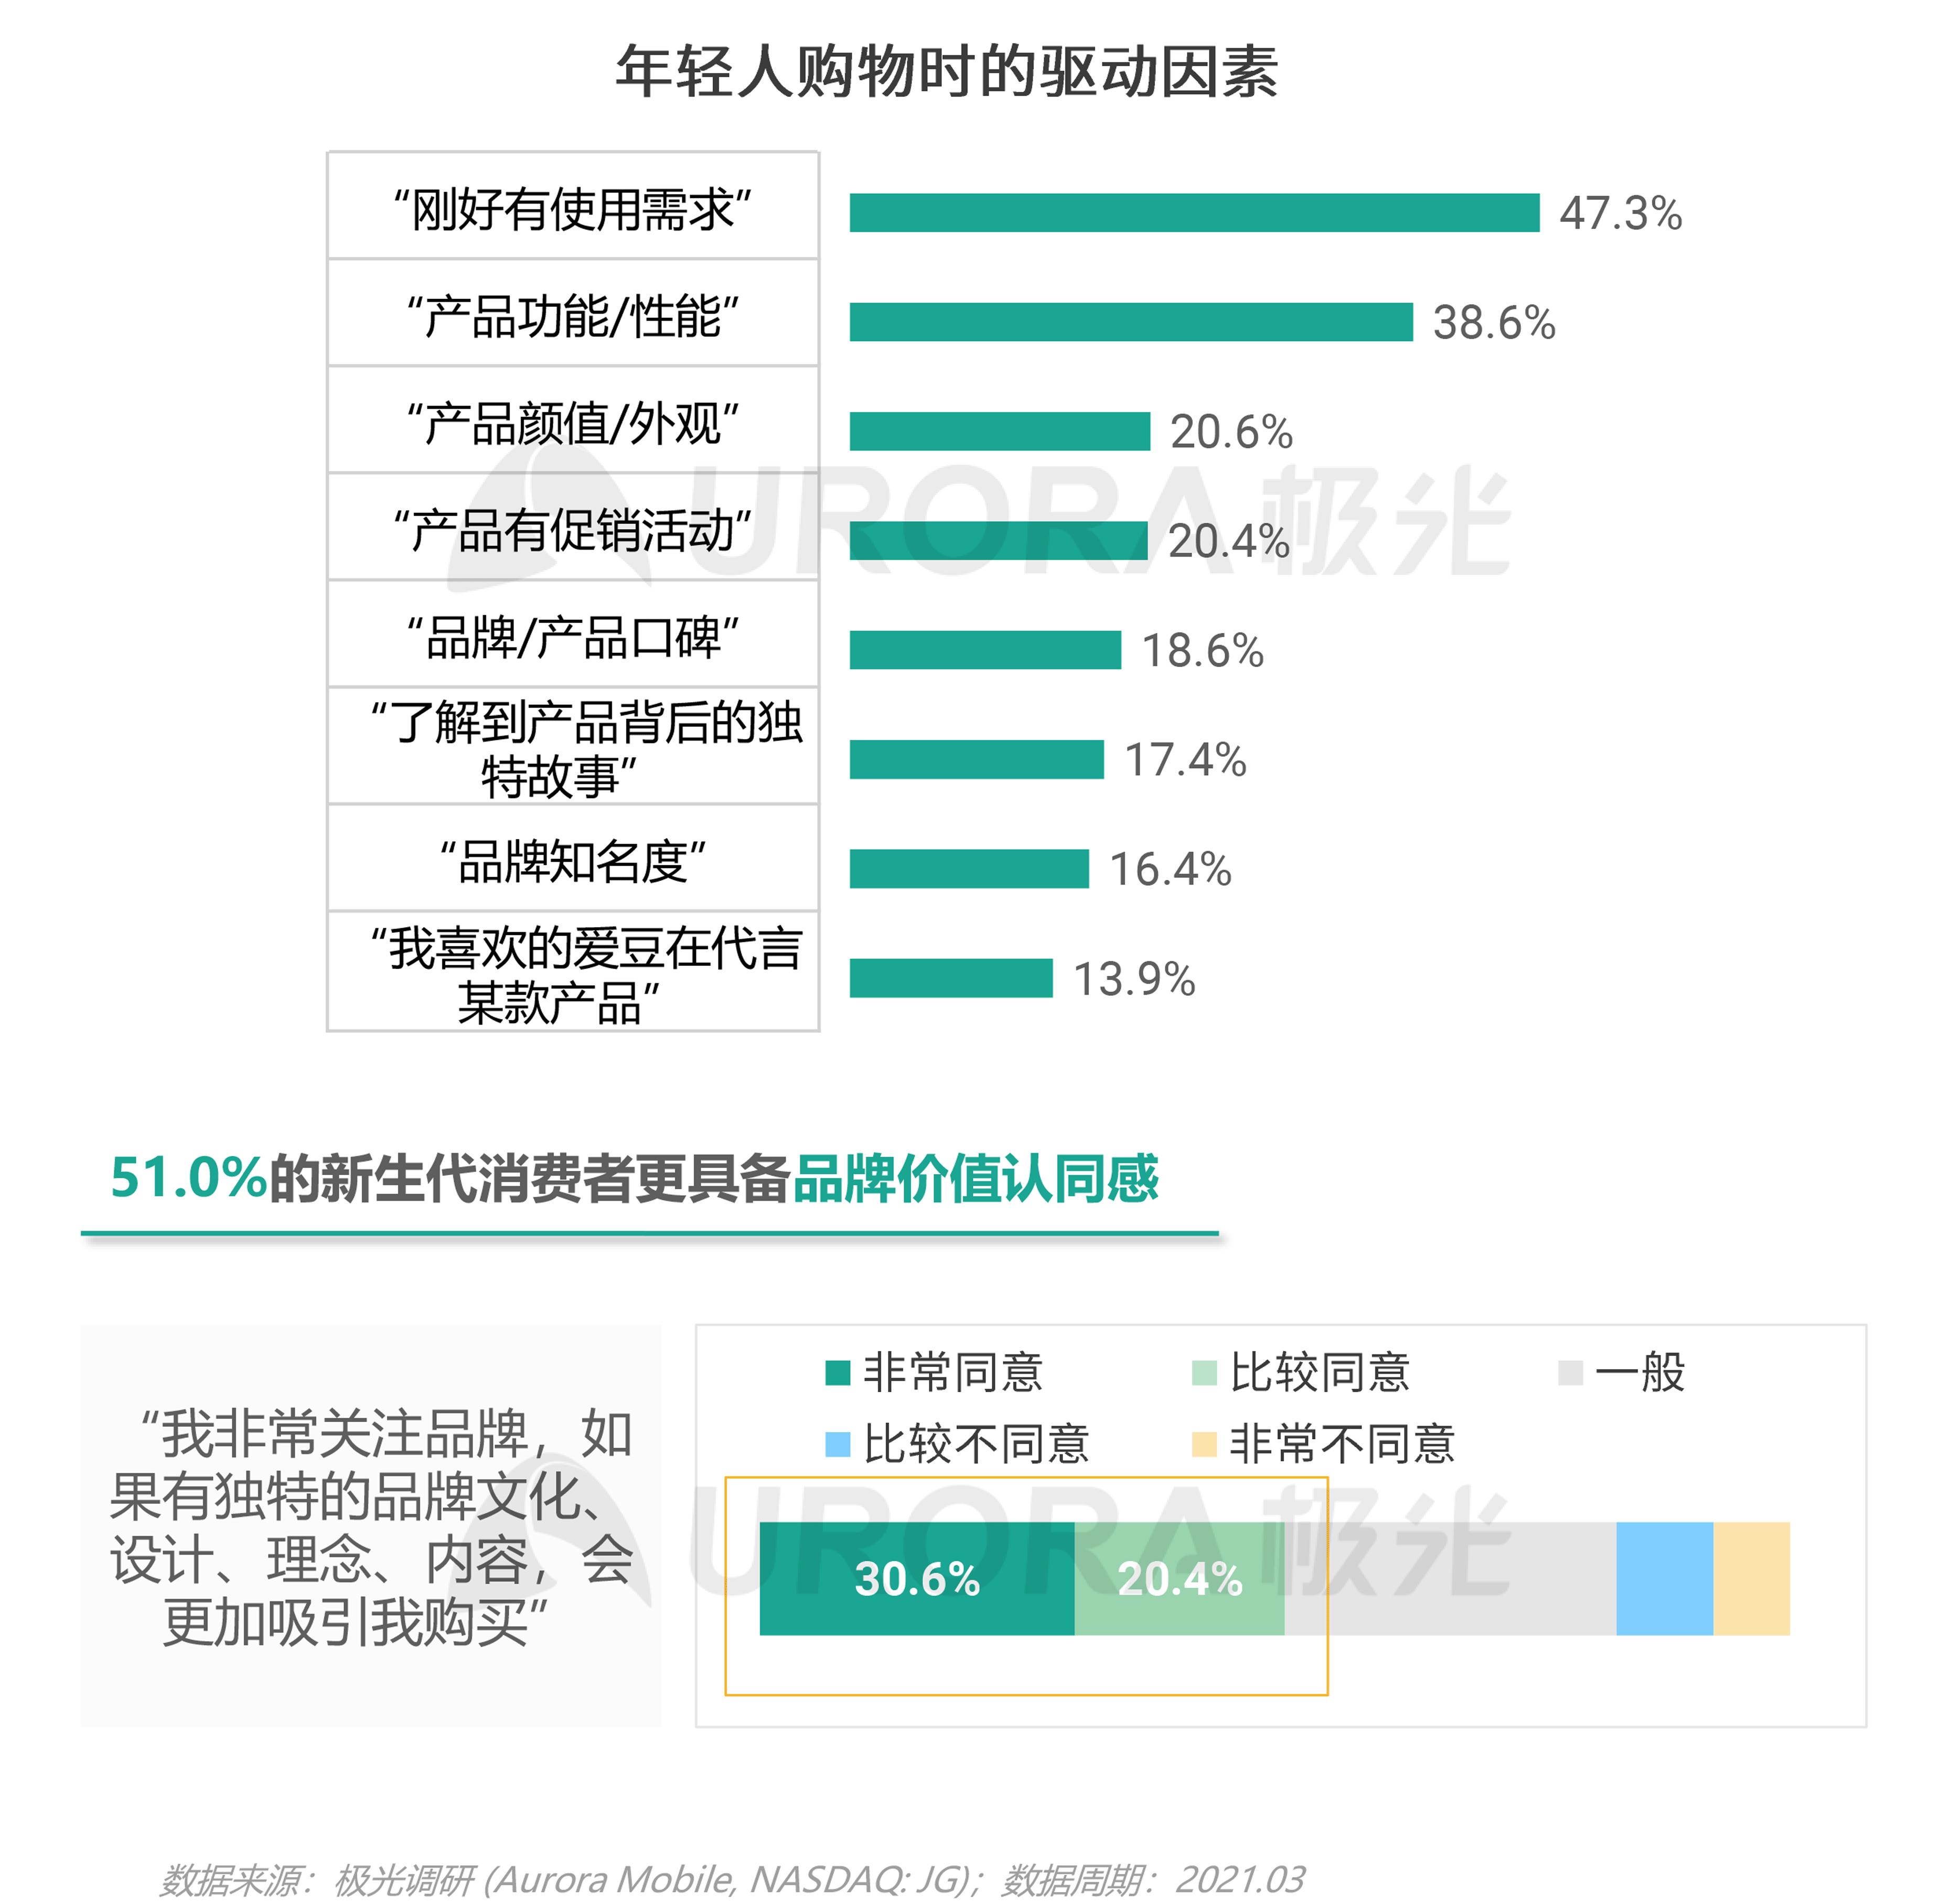 2021年轻人营销趋势研究报告【定稿】-24.png